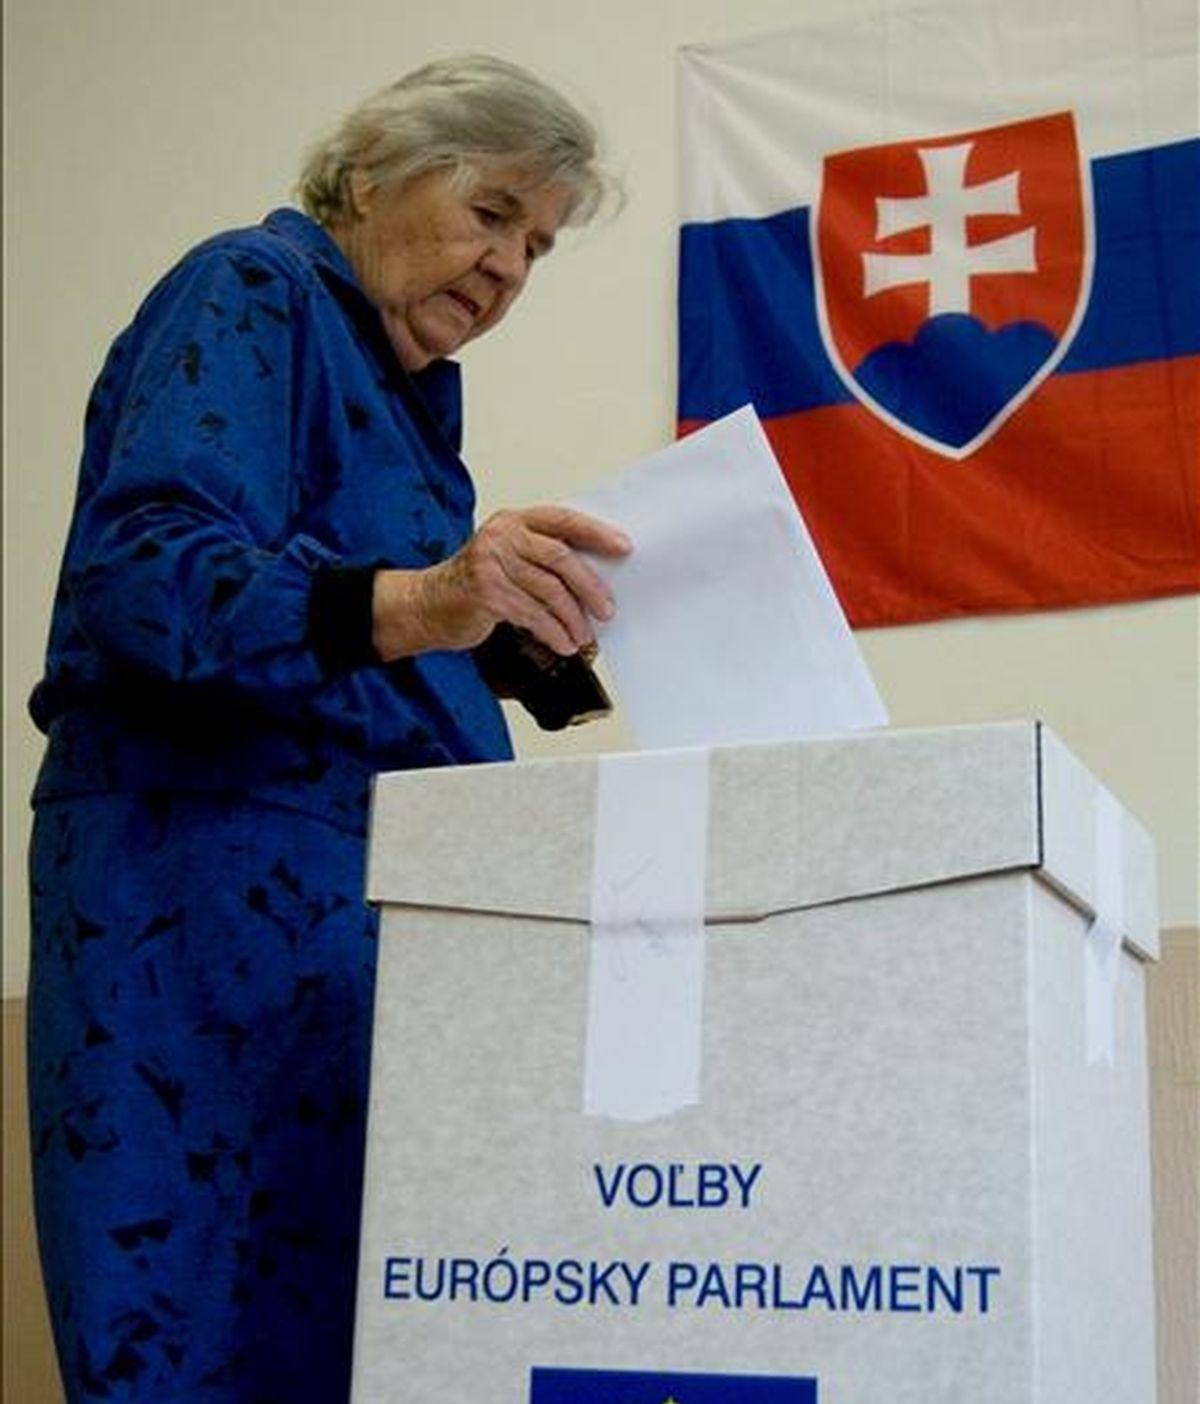 Una anciana ejerce su derecho al voto hoy en un colegio electoral de Bratislava, Eslovaquia. EFE